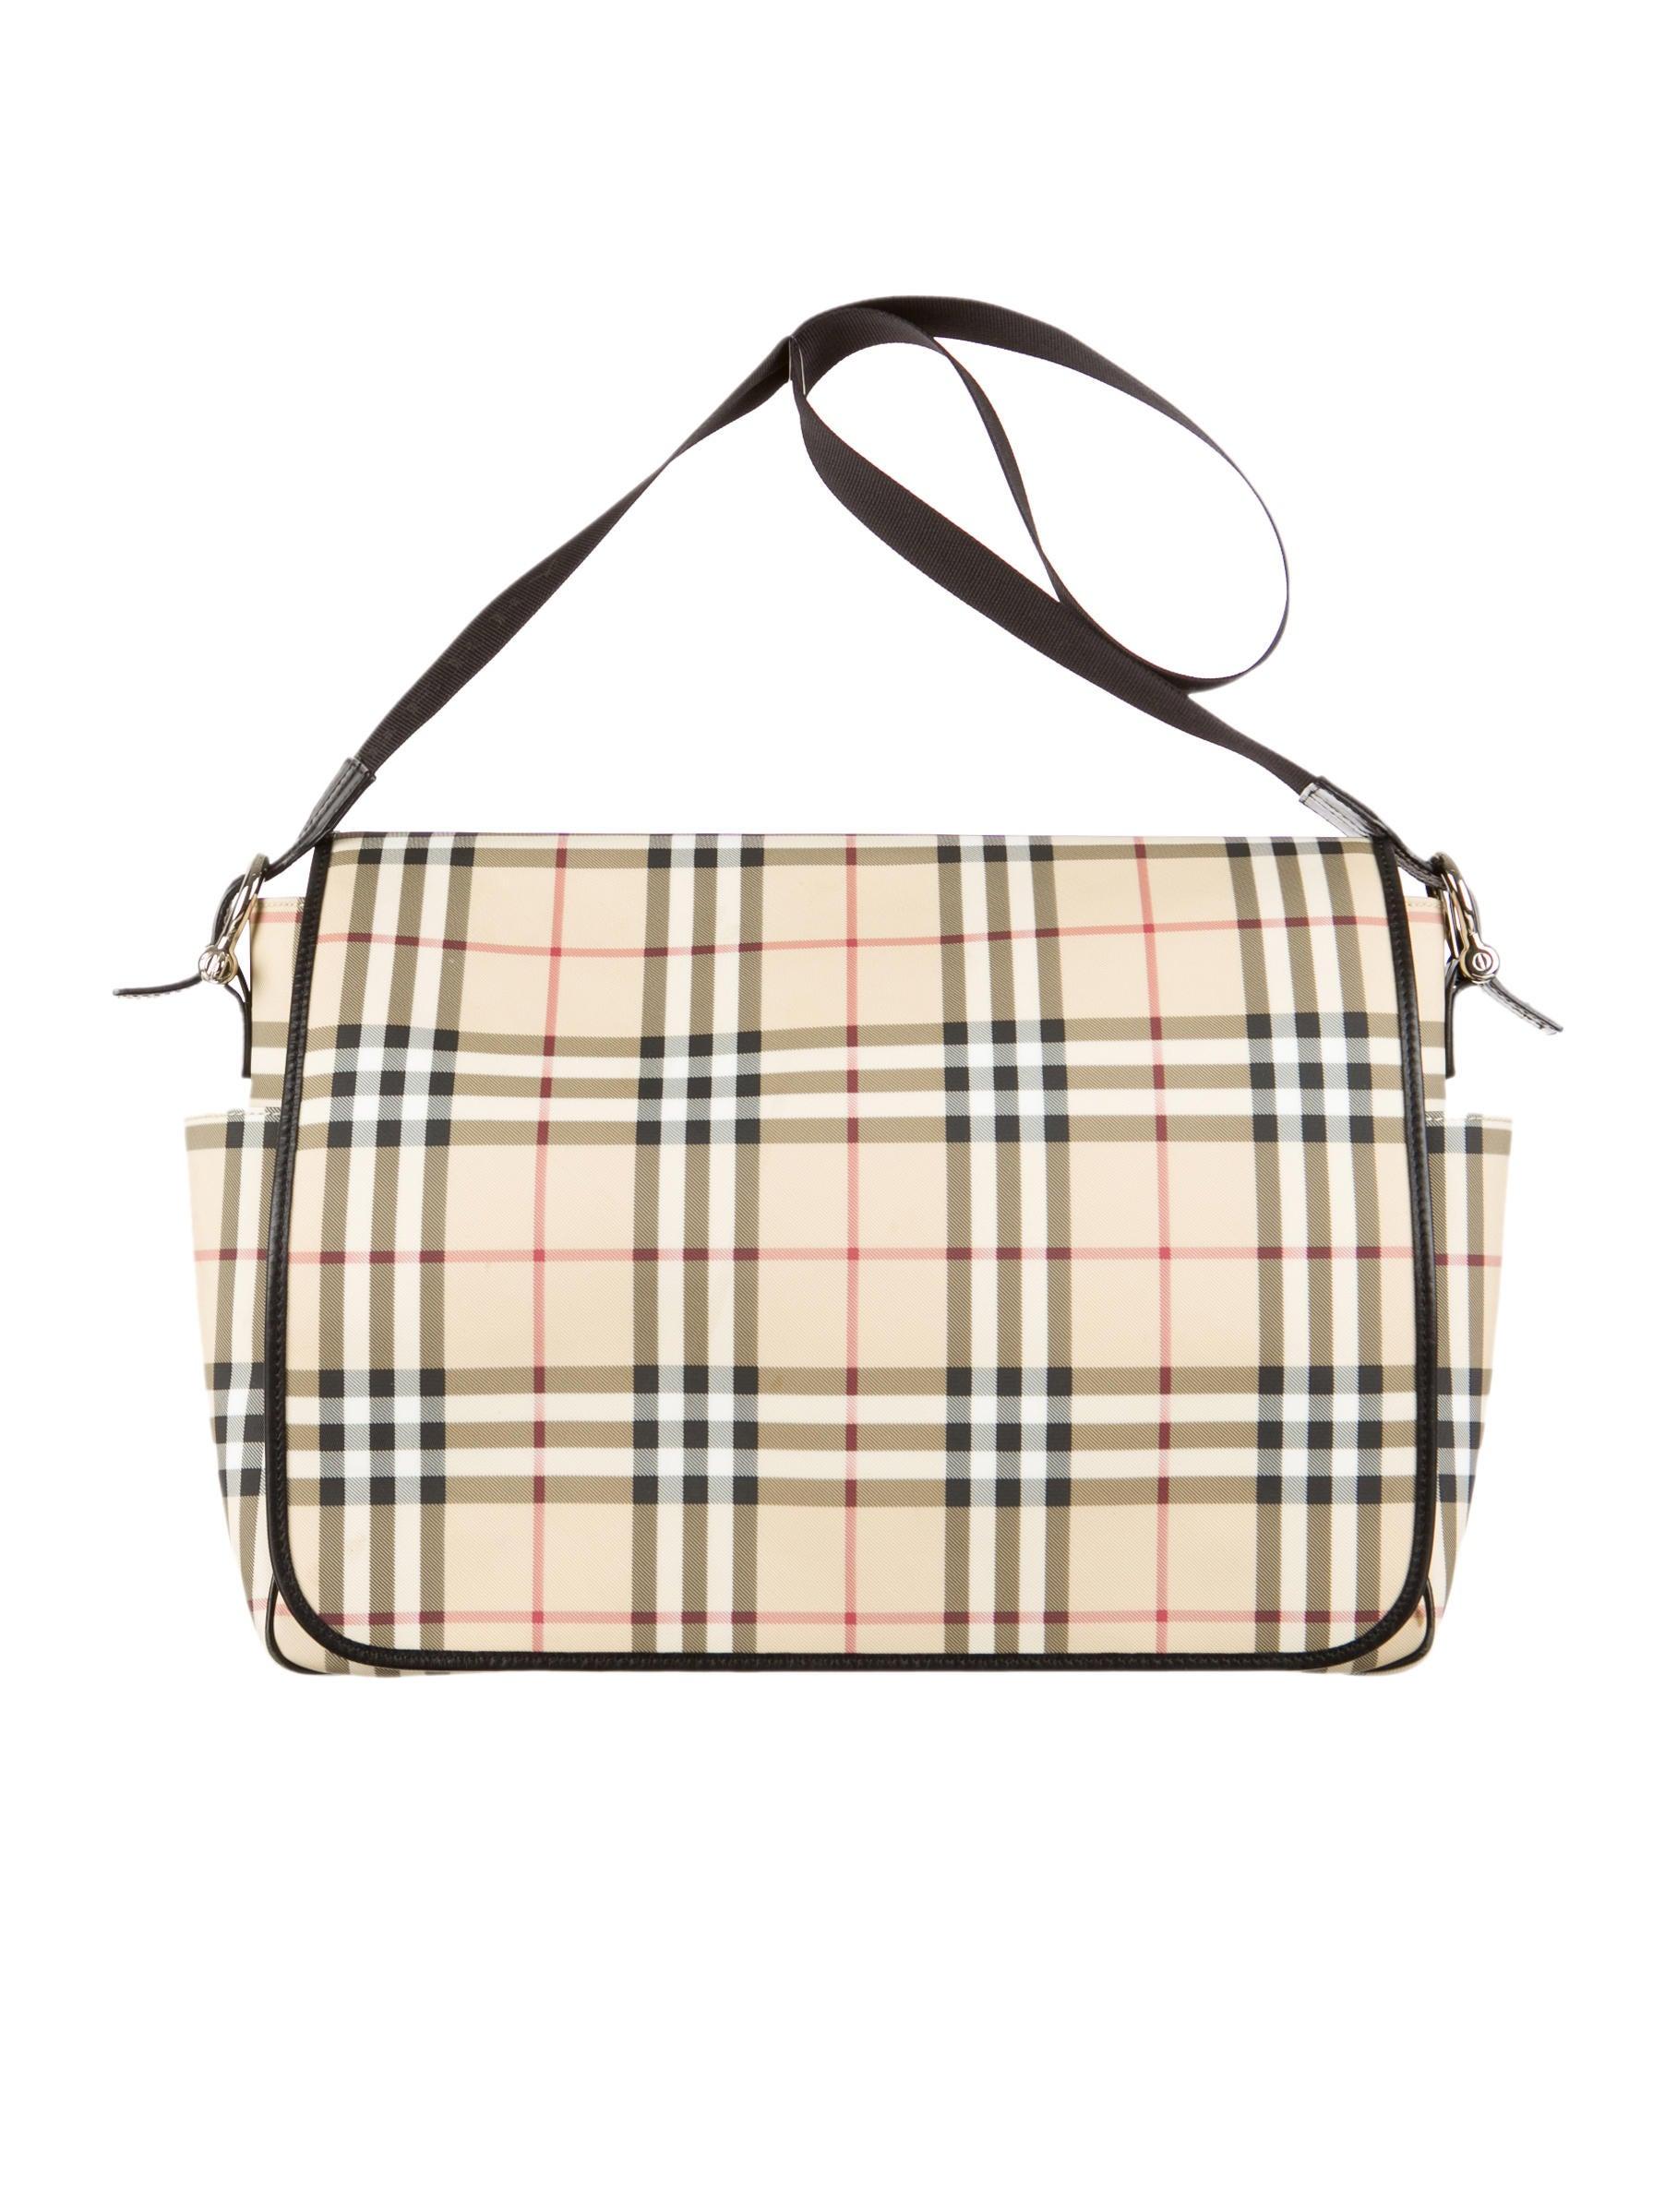 Burberry Nova Check Messenger Bag - Bags - BUR33641 | The ...